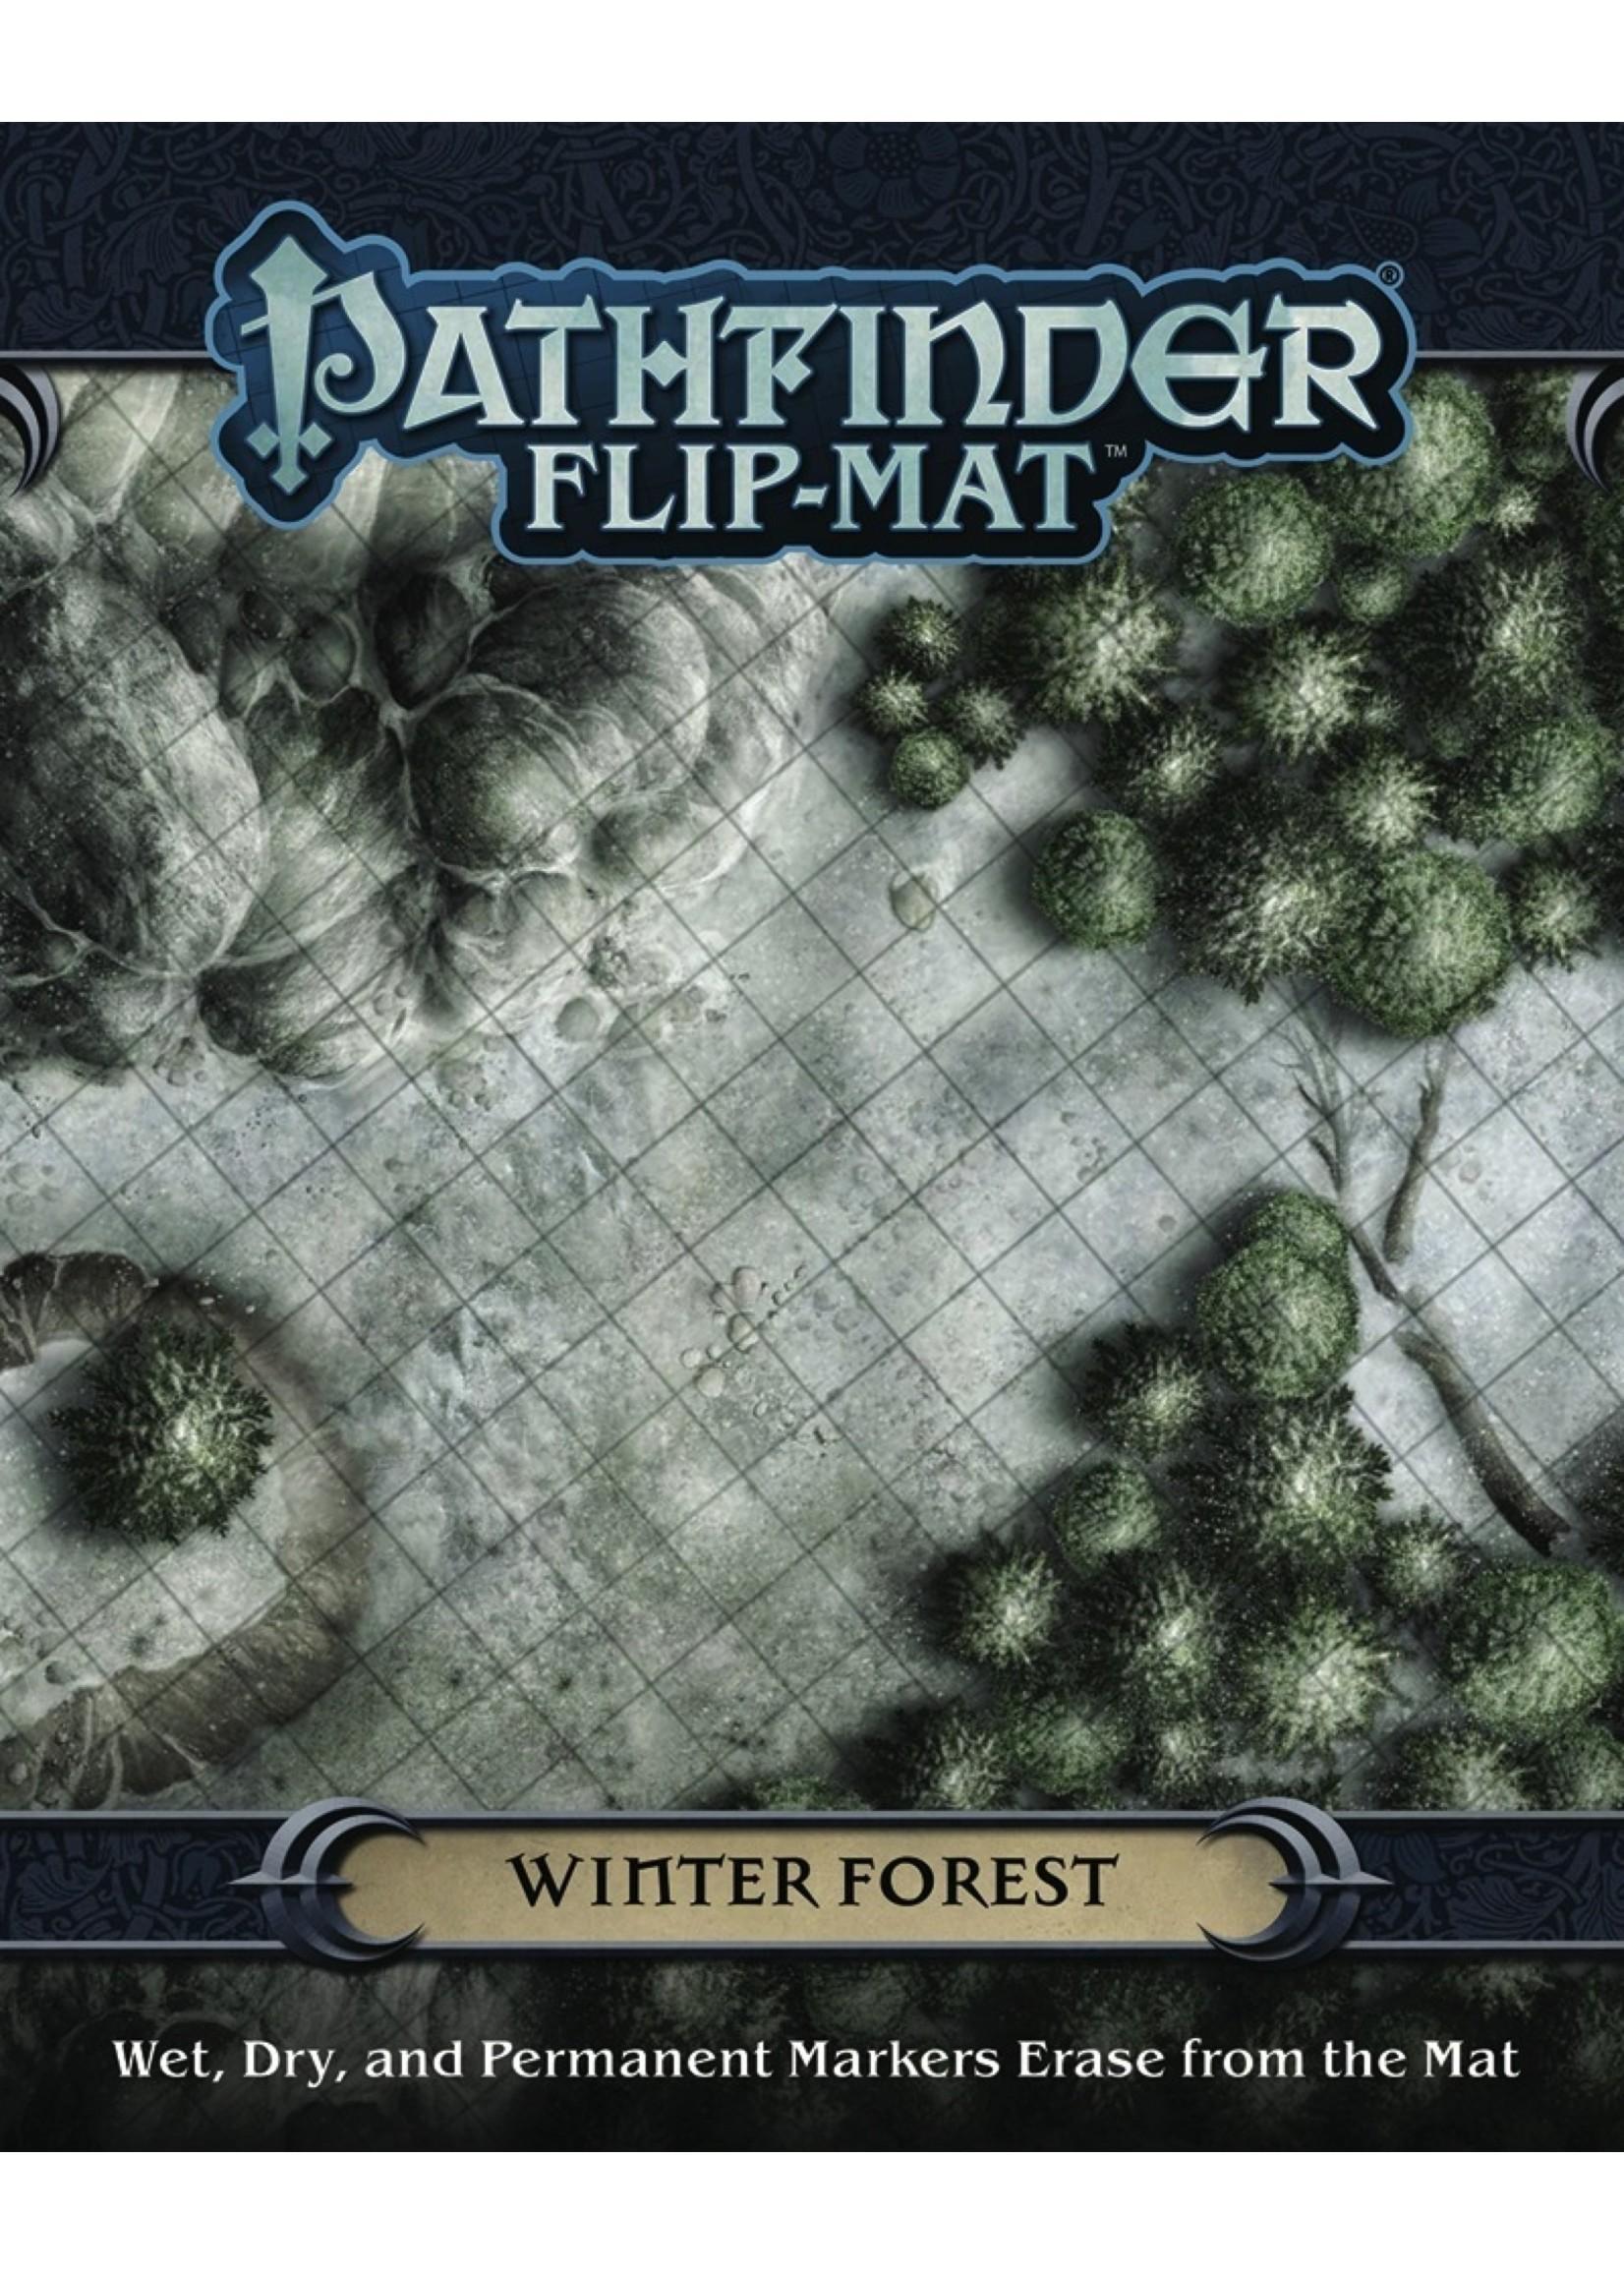 Pathfinder RPG: Flip-Mat - Winter Forest